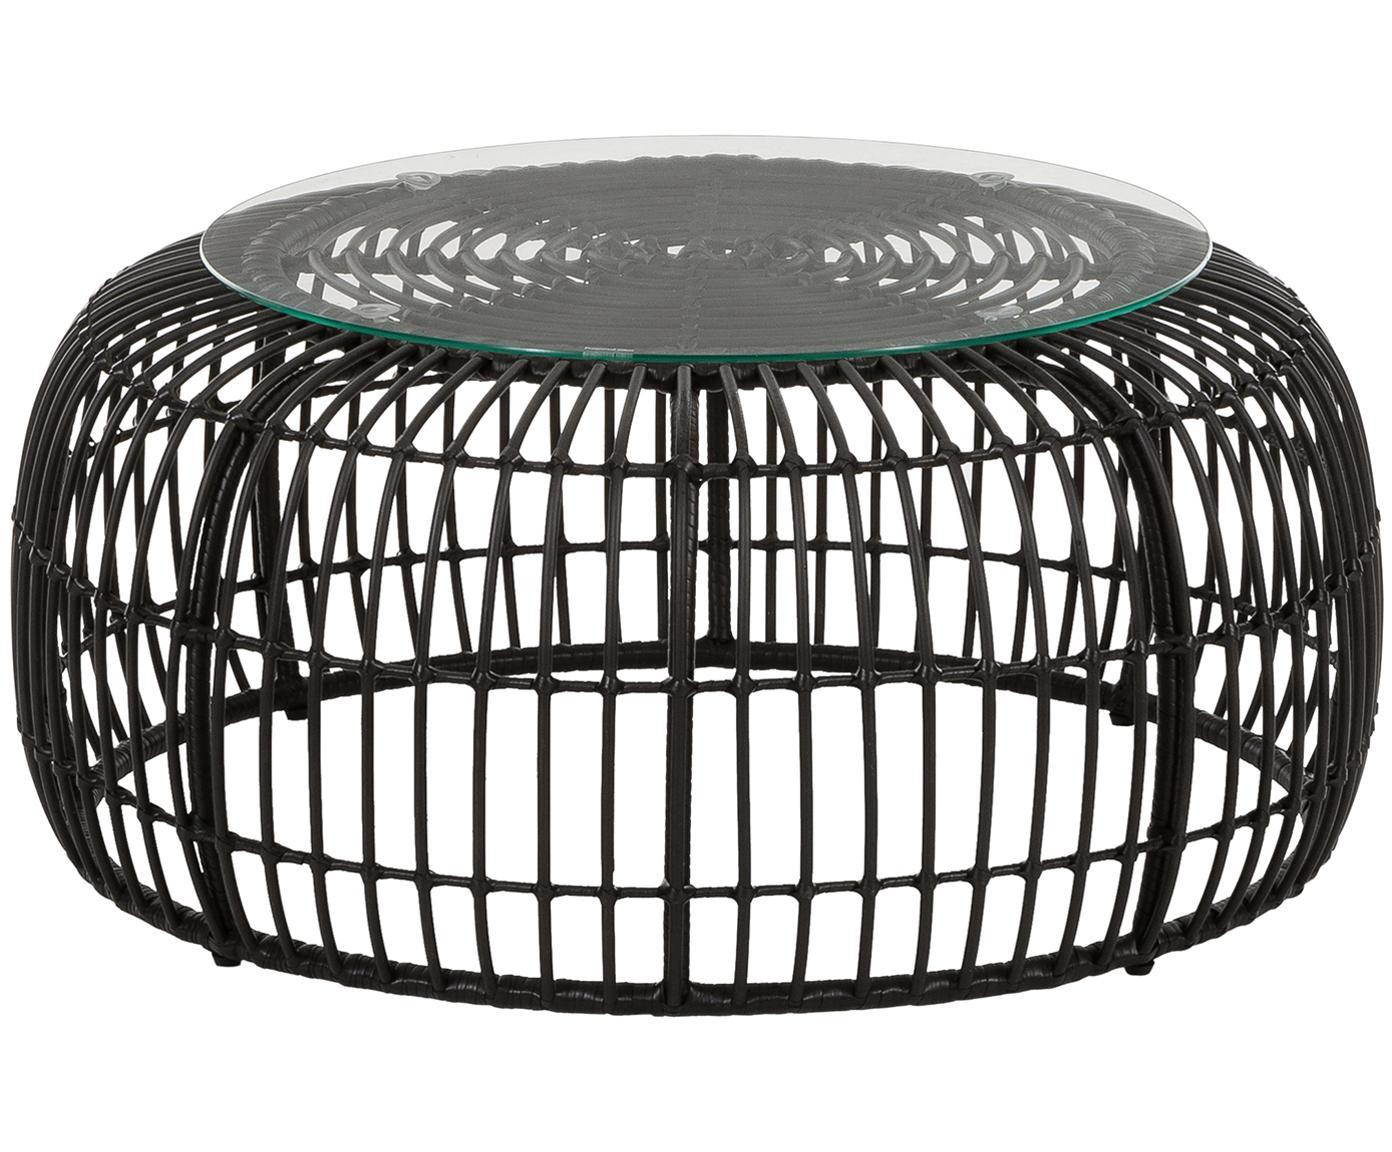 Garten-Couchtisch Costa mit Polyrattan, Tischplatte: Glas, Stärke, Gestell: Polyethylen-Geflecht, Schwarz, Ø 85 x H 42 cm